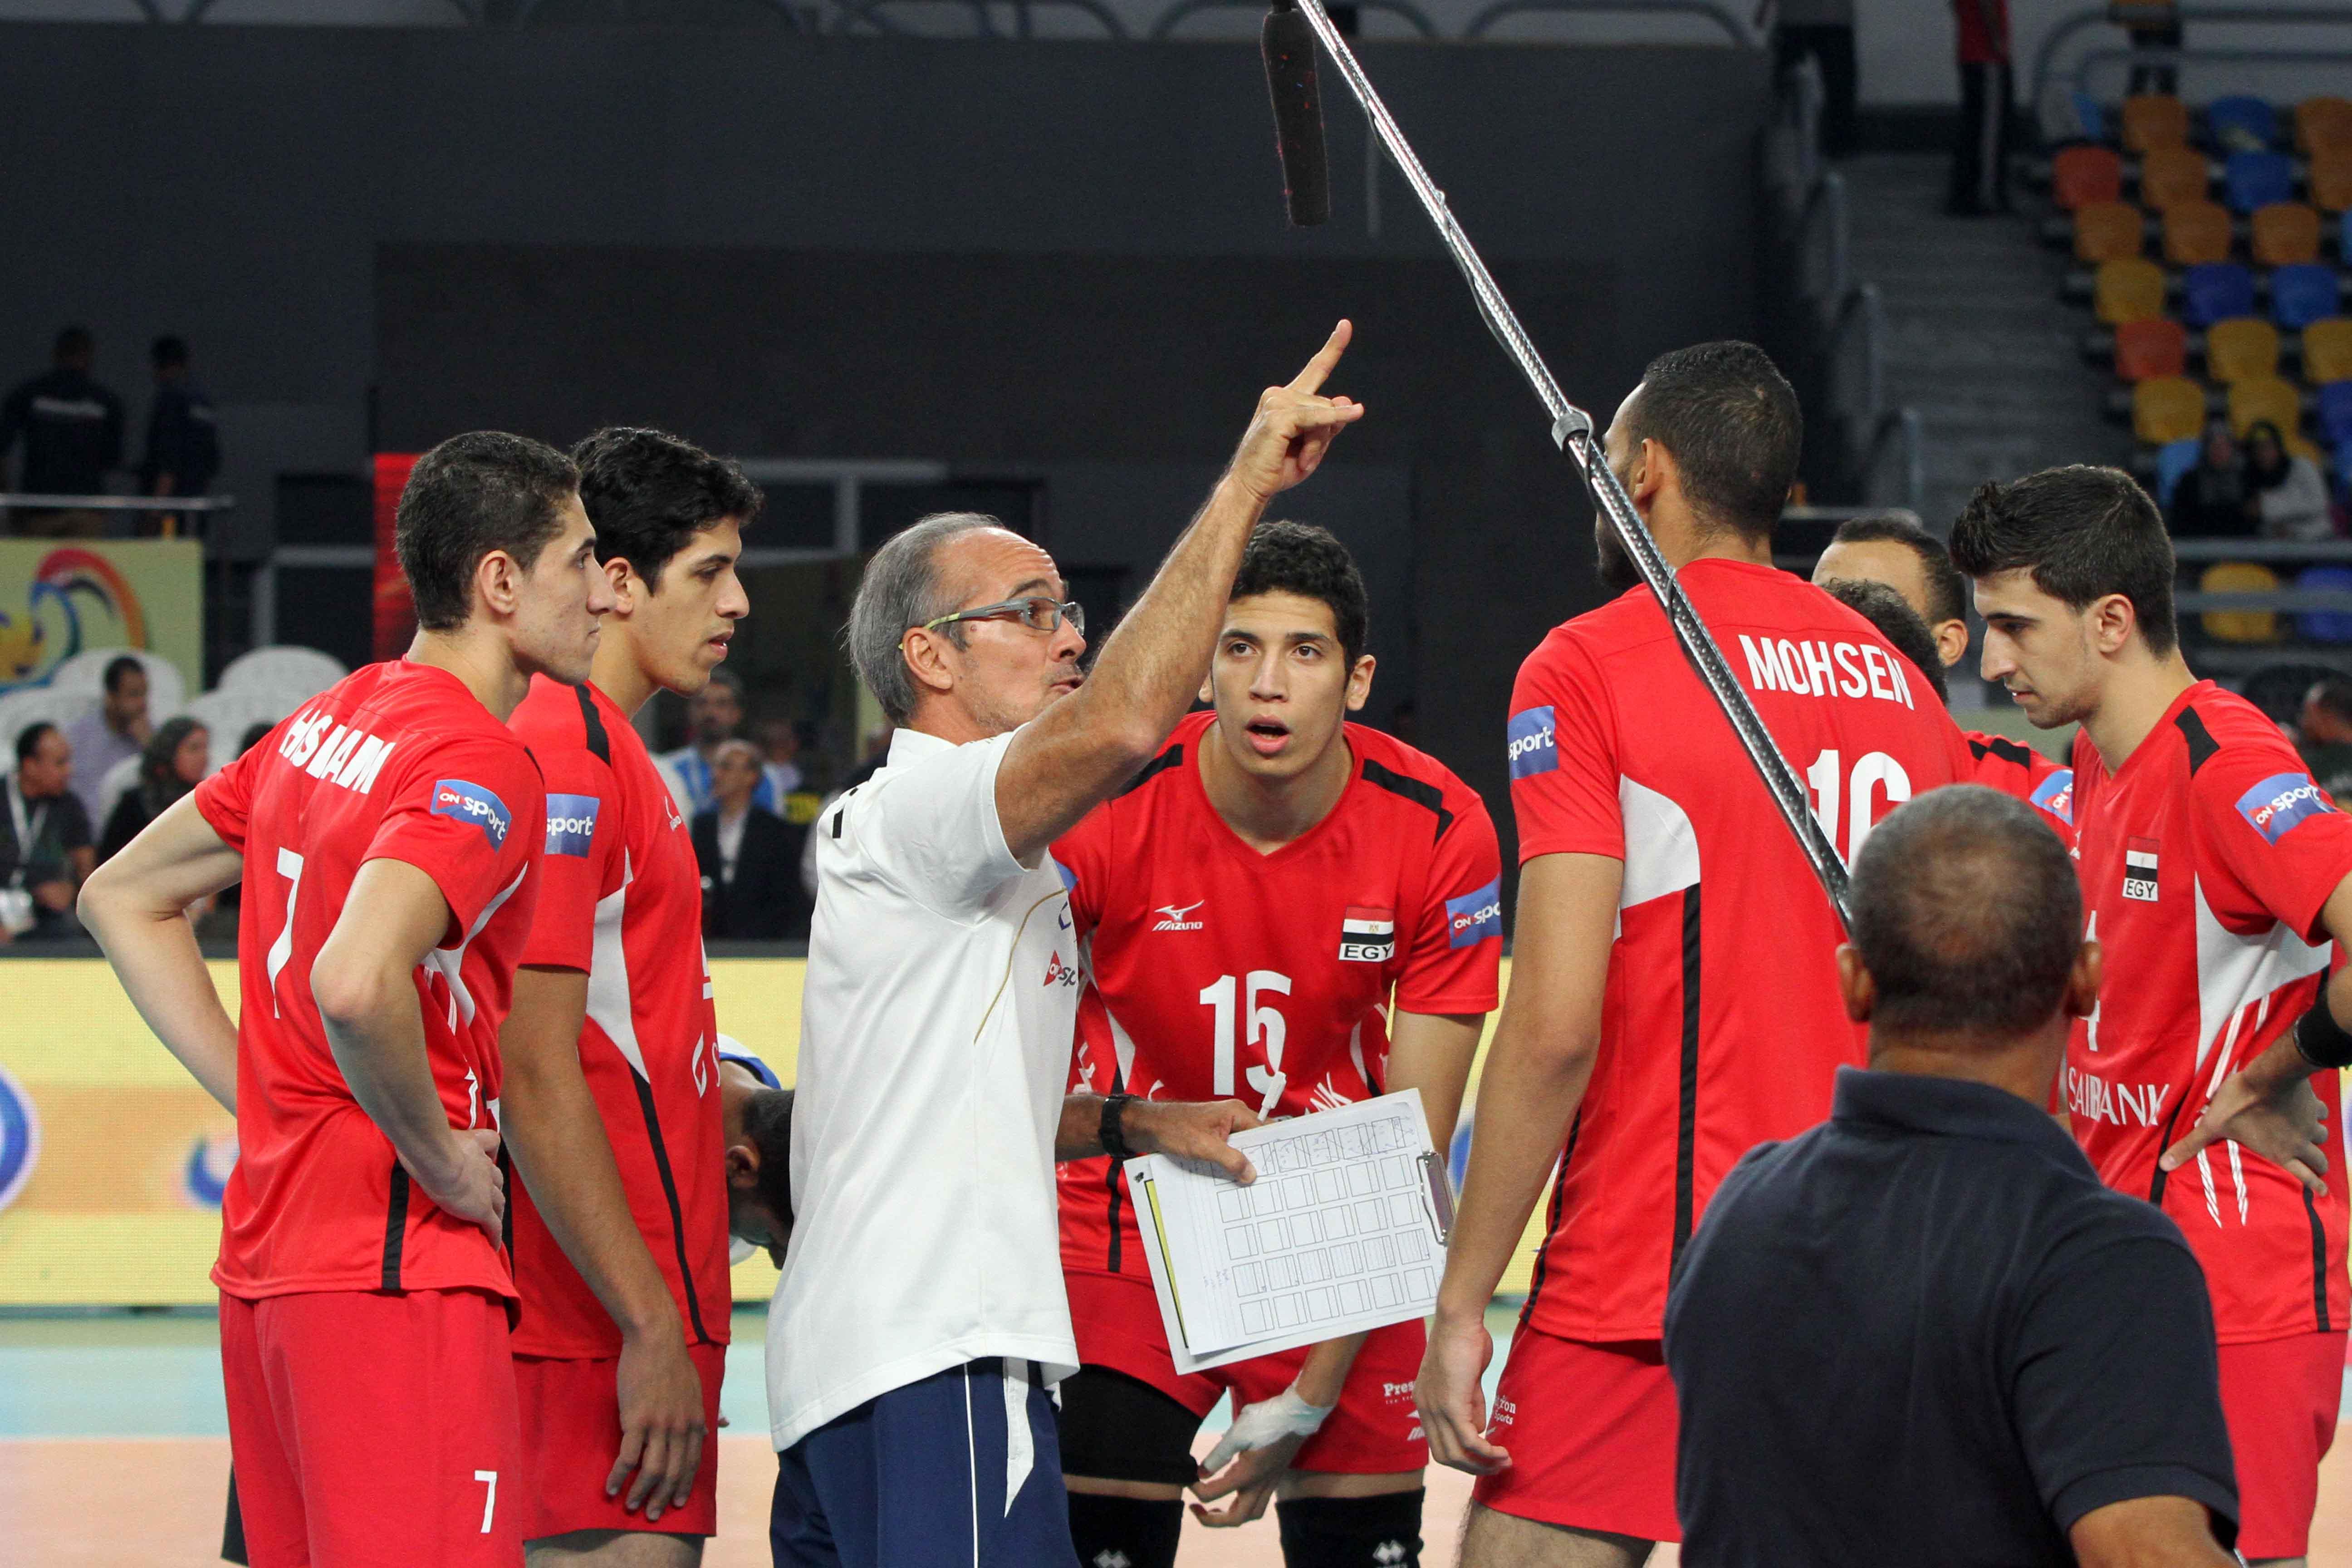 8فراعنة الطائرة يهزمون اليابان 40 ويحصدون المركز الخامس فى بطولة العالم